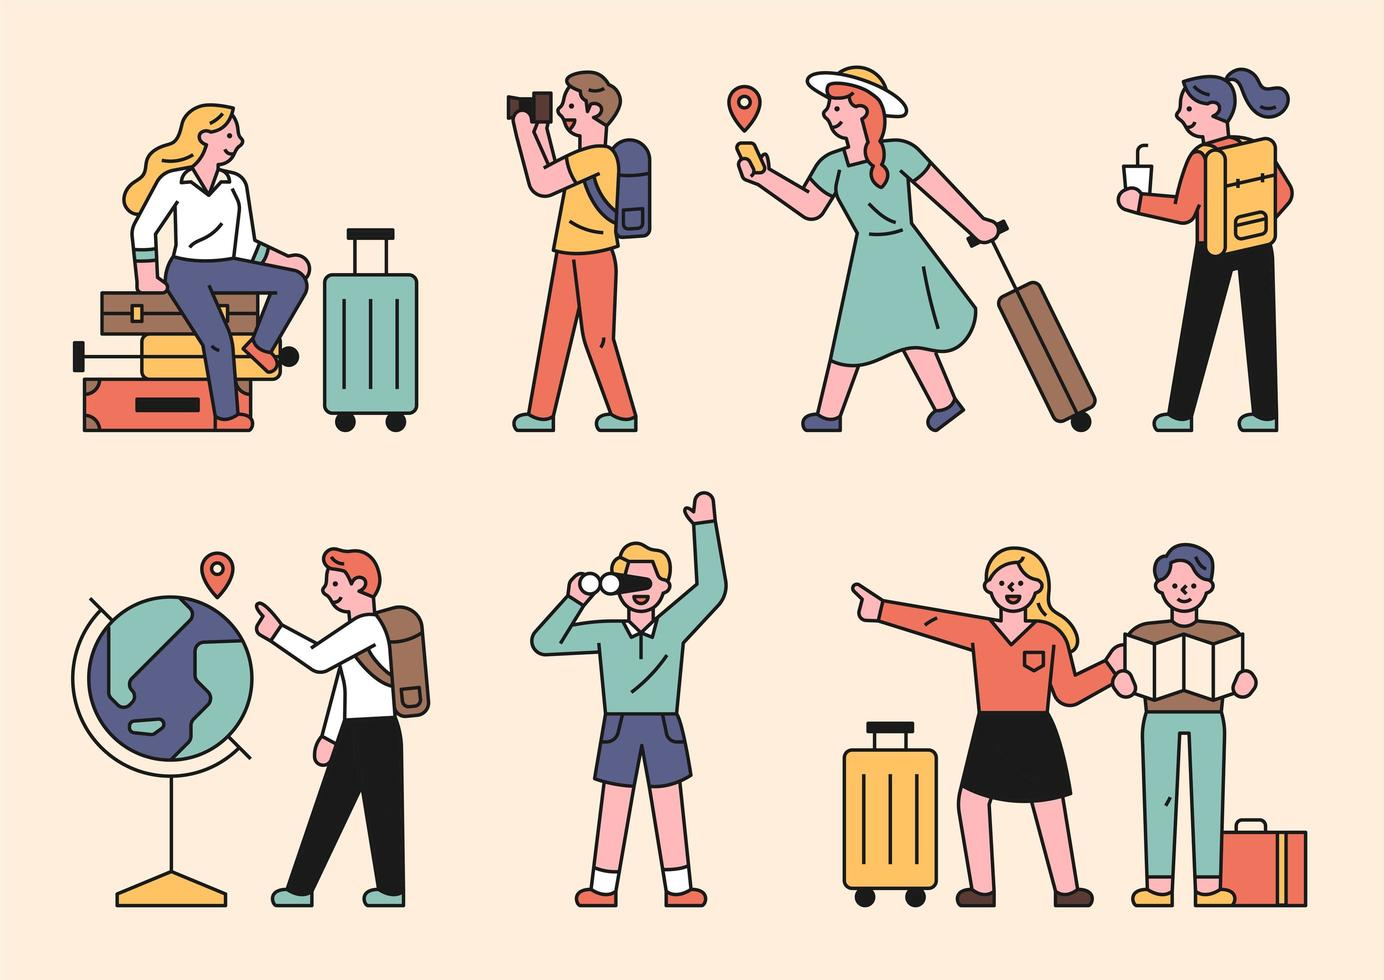 les gens qui font du tourisme avec des valises. vecteur